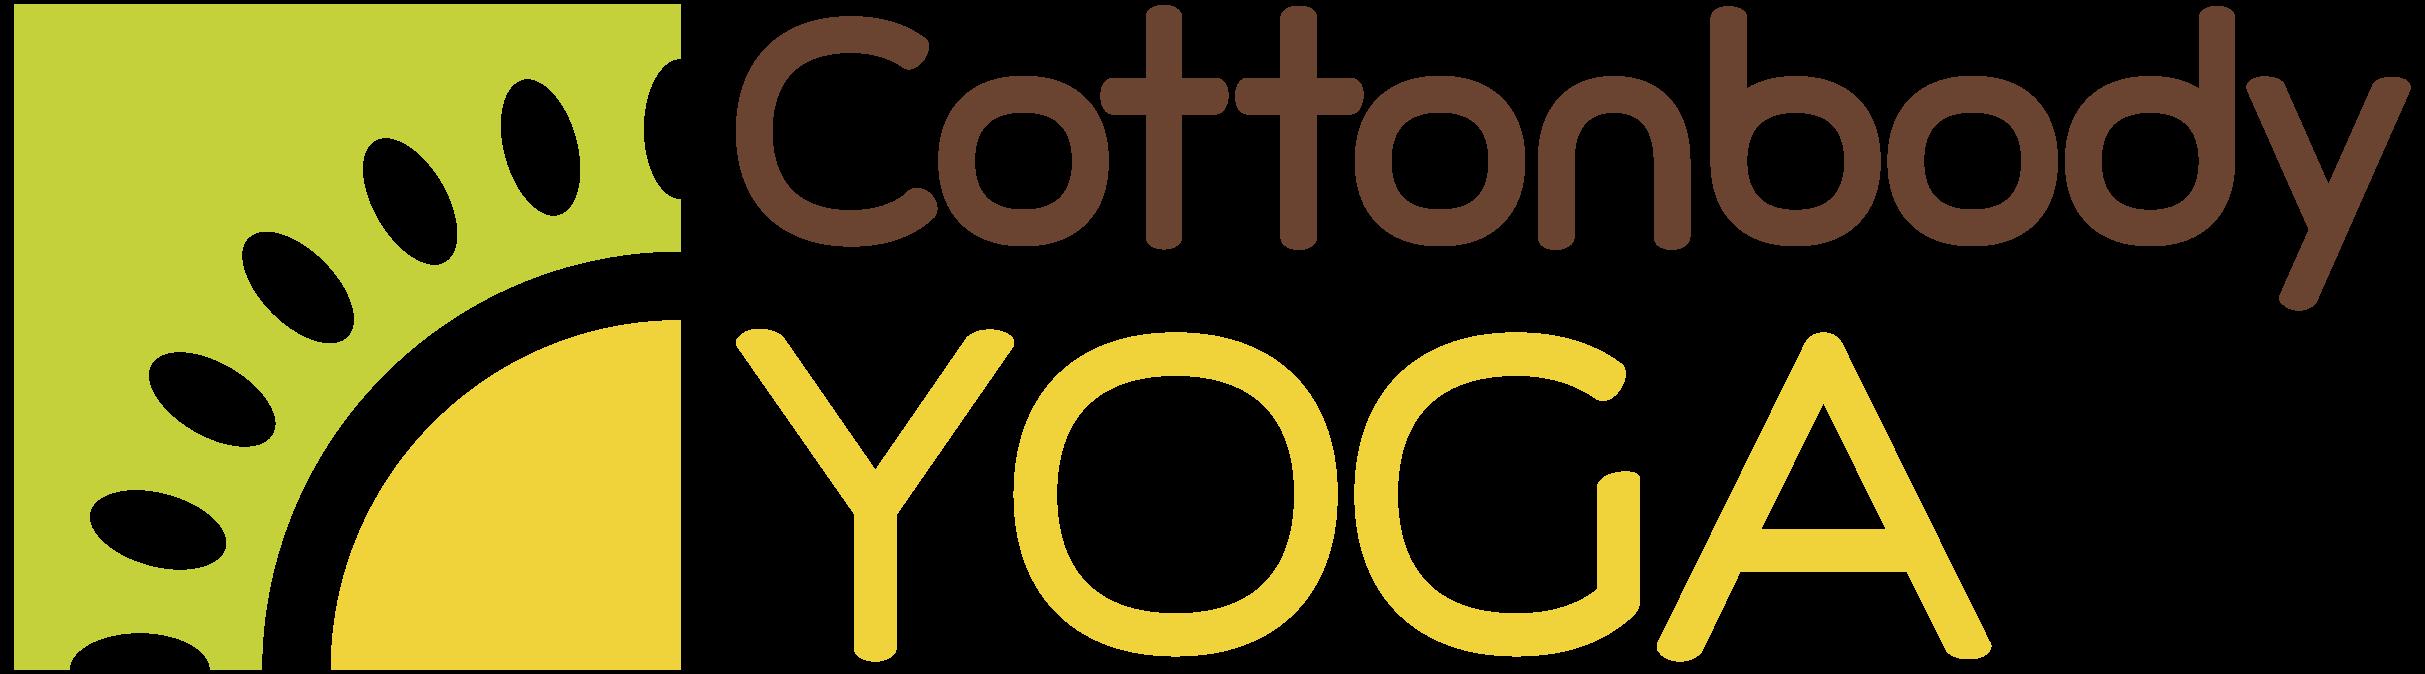 Cottonbody YOGA (コットンボディ ヨガ) 西新井 公式ホームページへようこそ